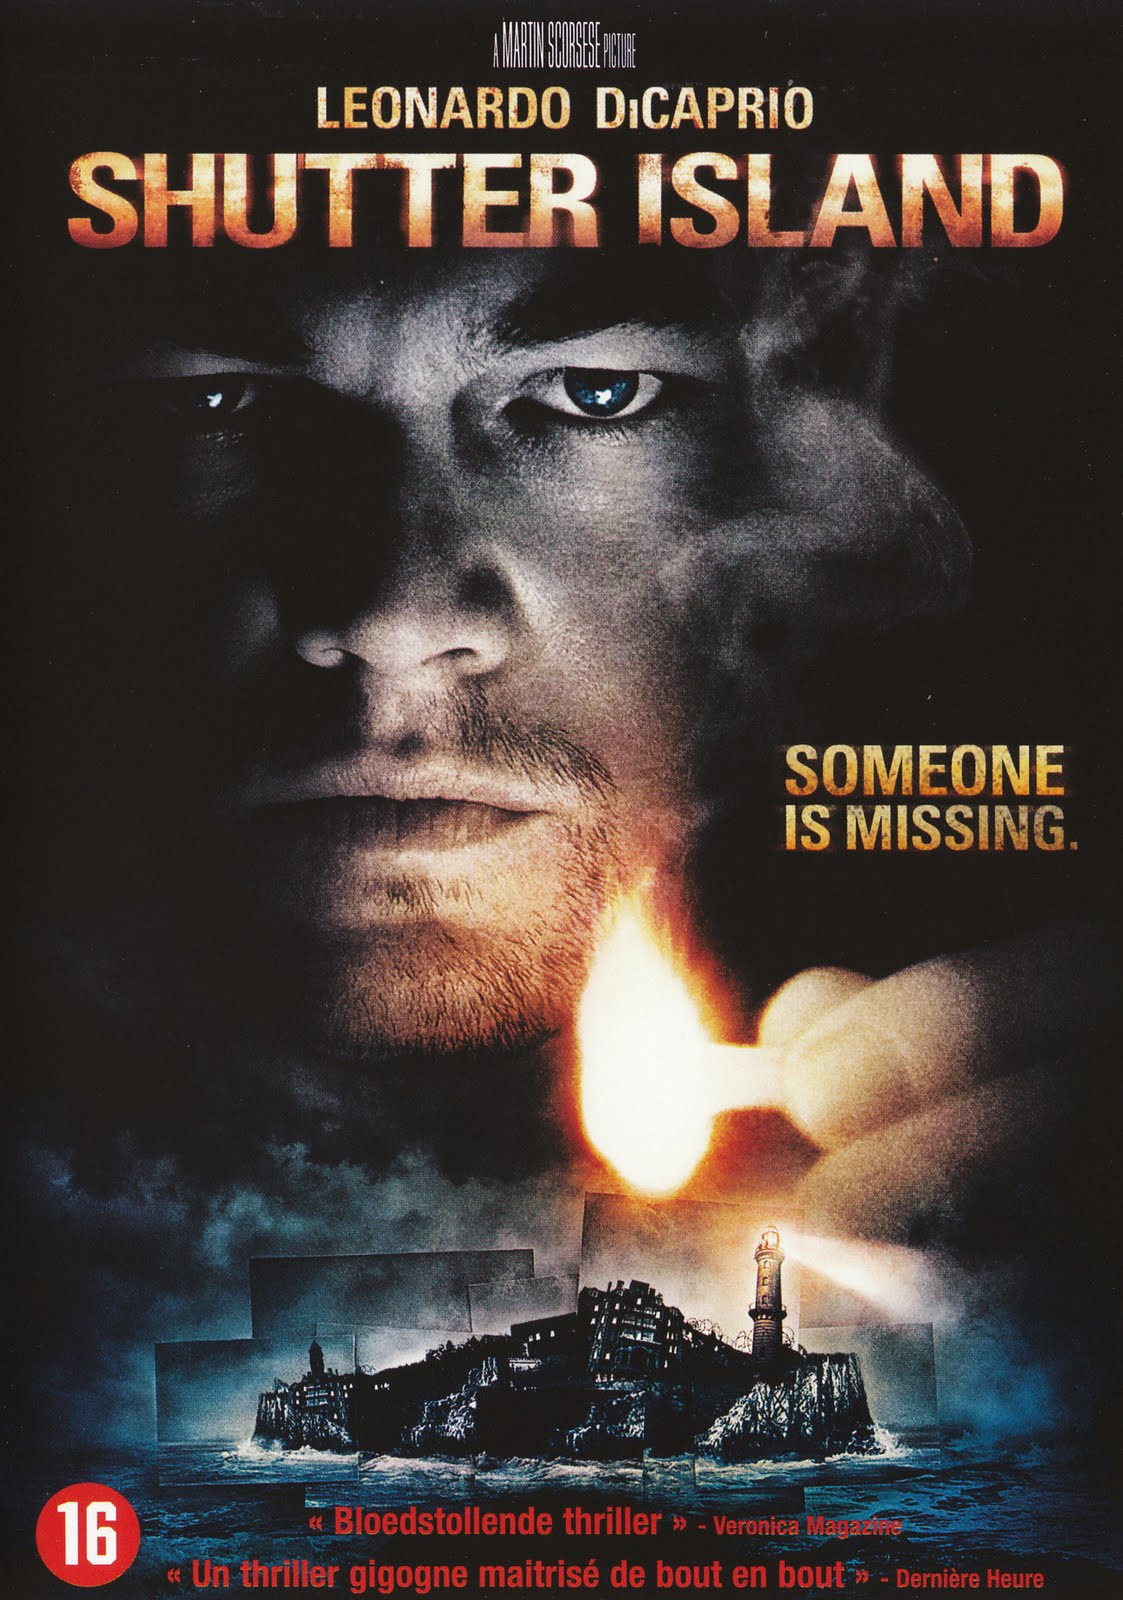 Shutter Island Movie4k